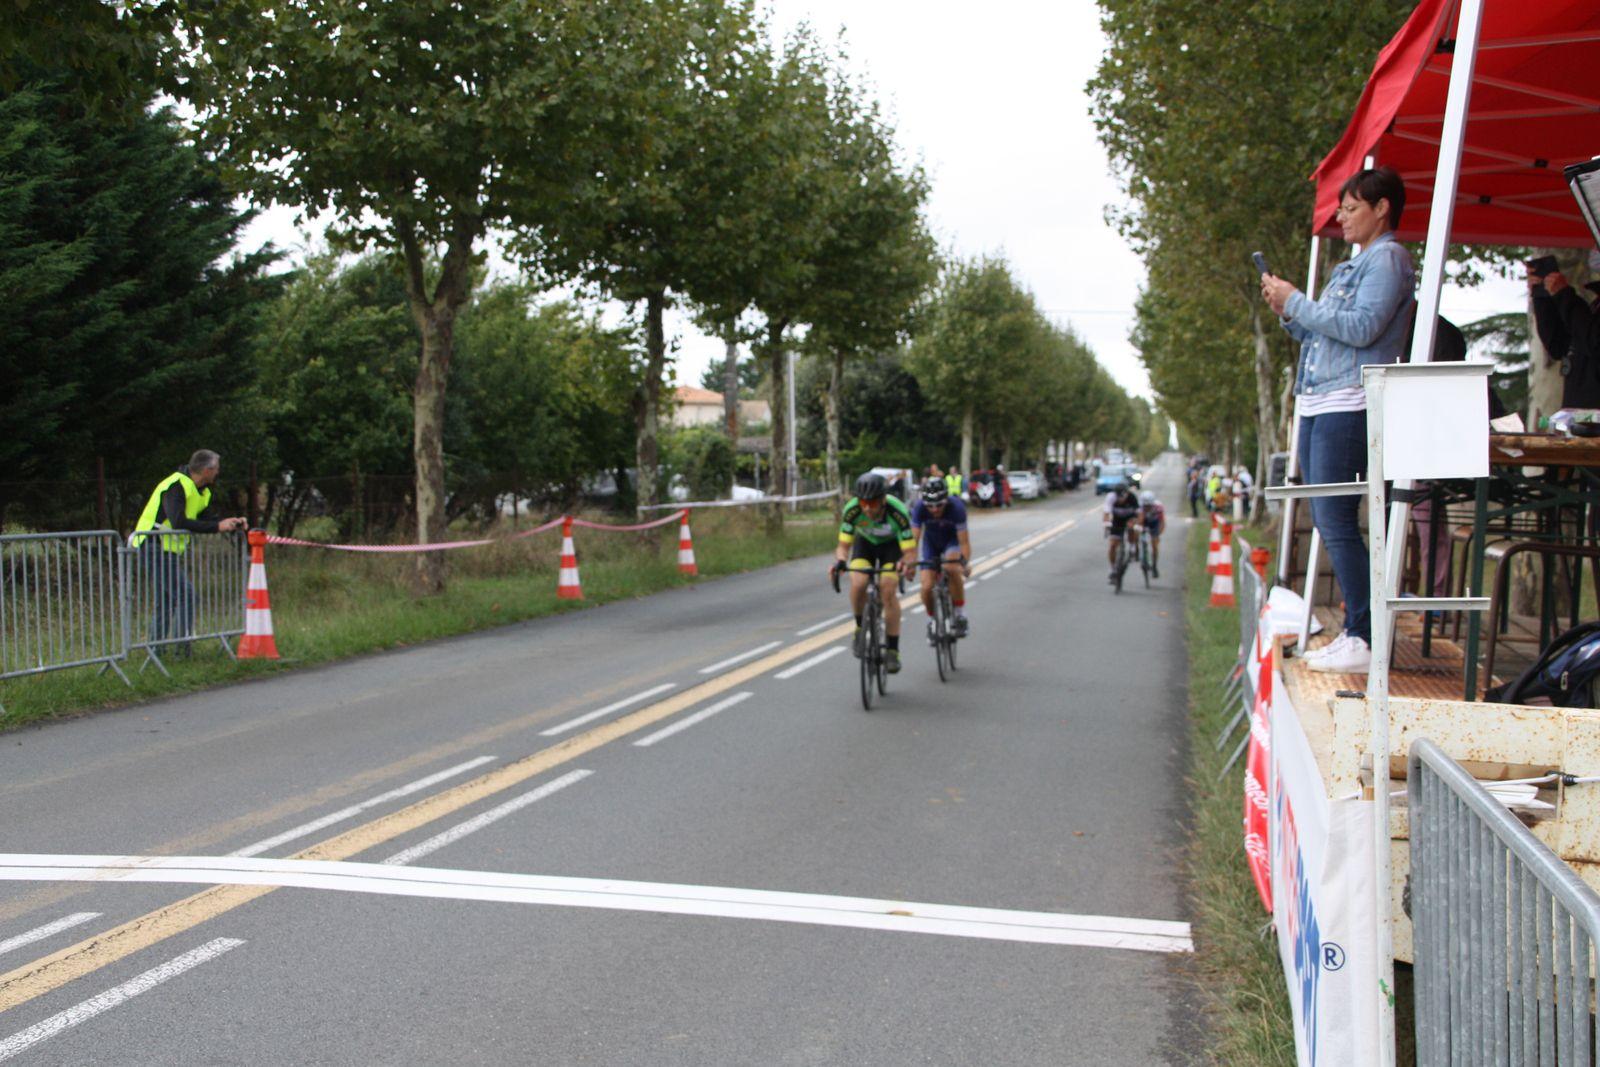 5e  tour, le  vainqueur  se  trouve  dans  le  groupe  de  tête, le  contre  est  nettement  distancé